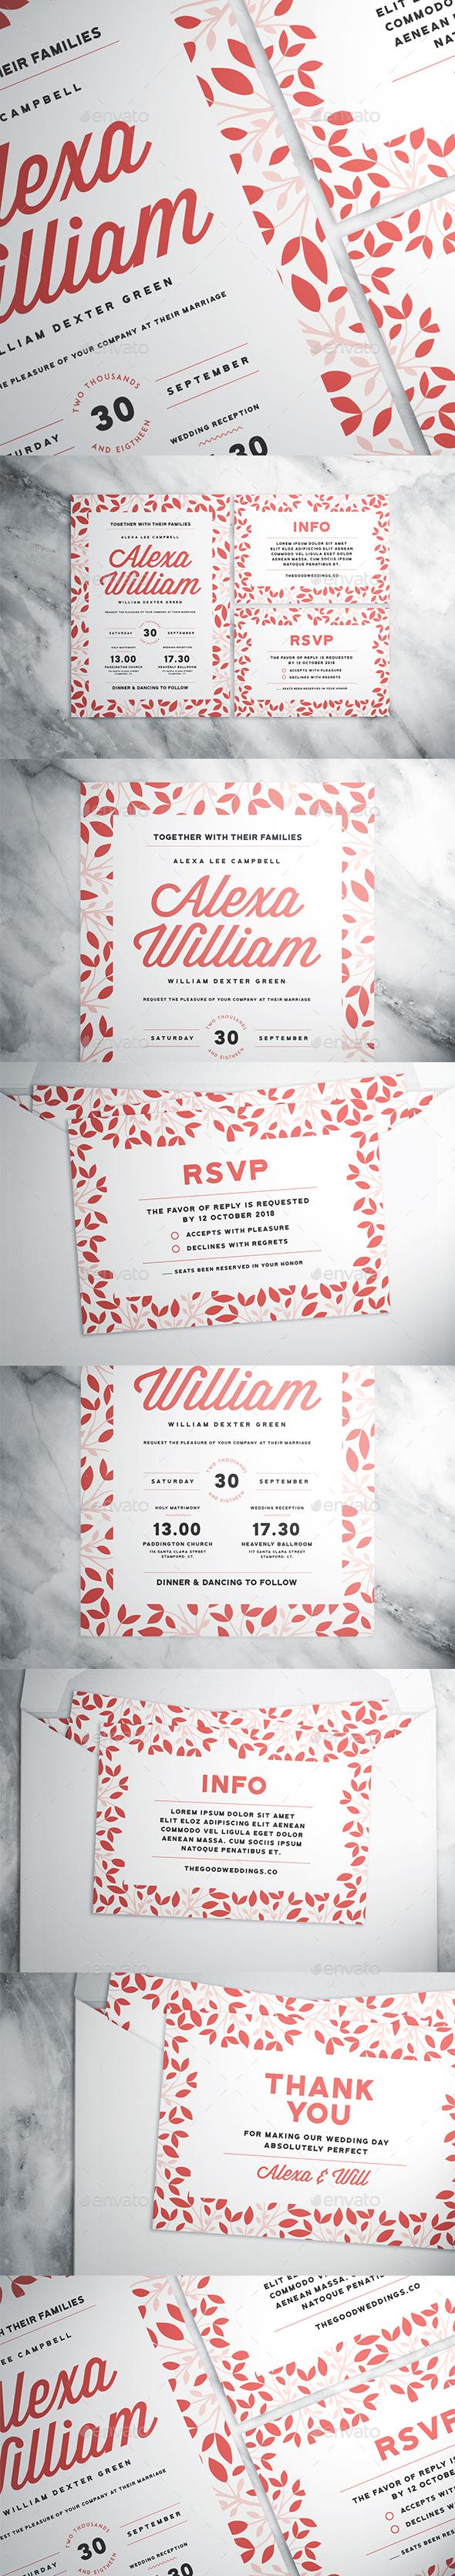 Floral Wedding Suite - Print Templates